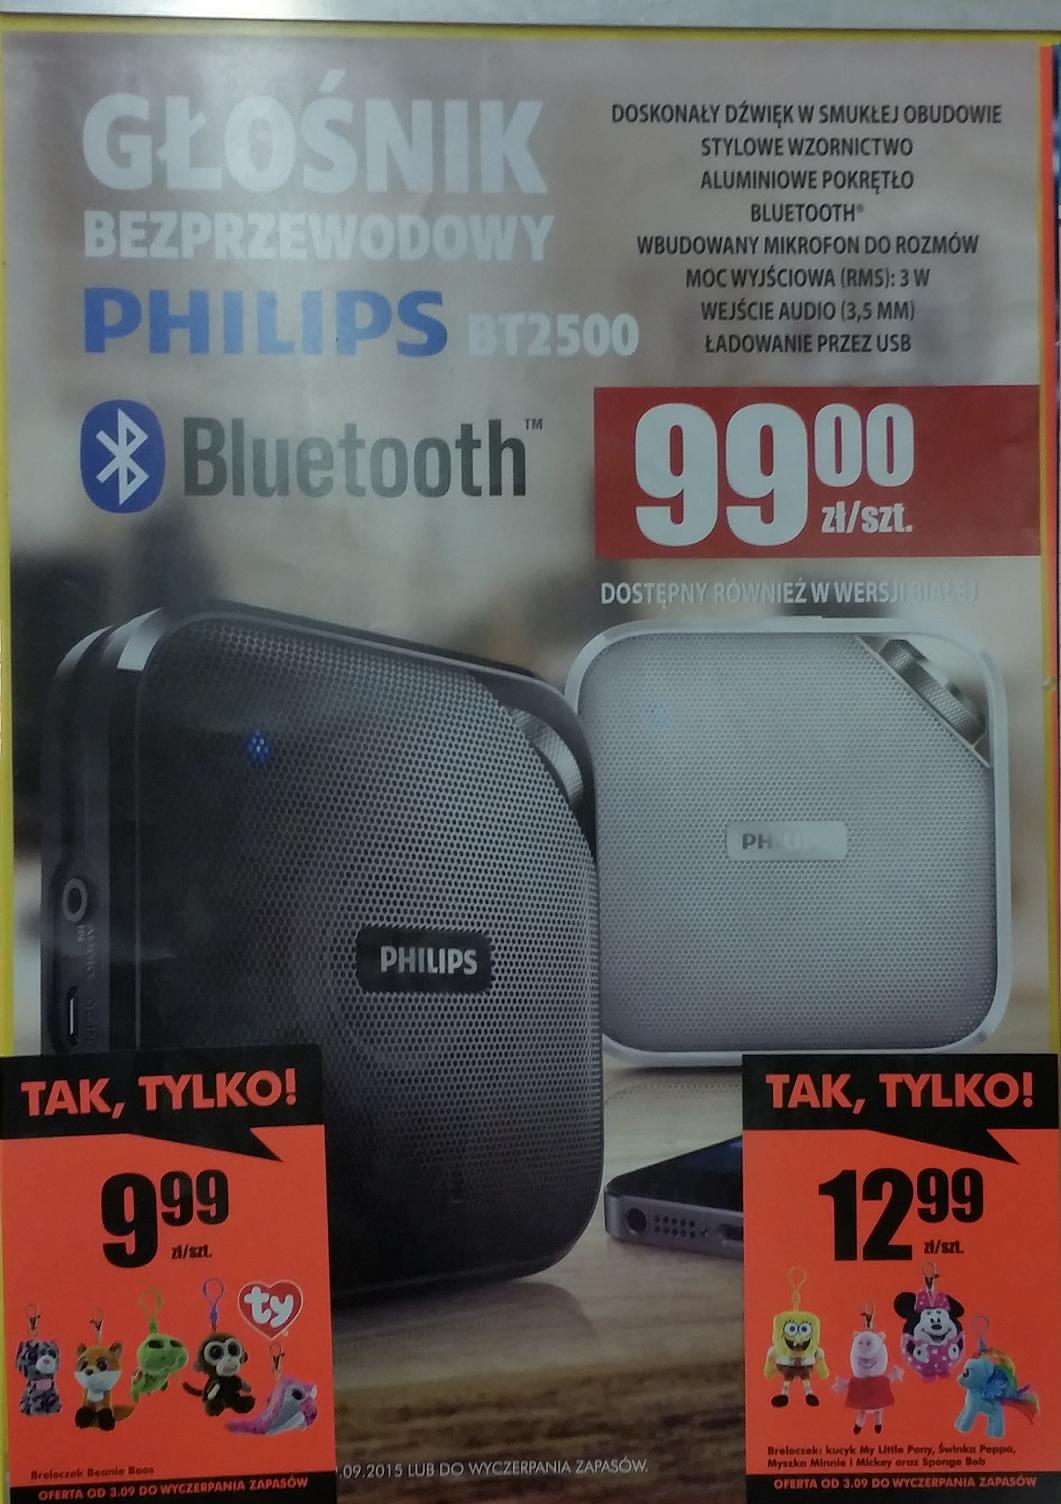 Głośnik bezprzewodowy Philips BT2500 - Biedronka